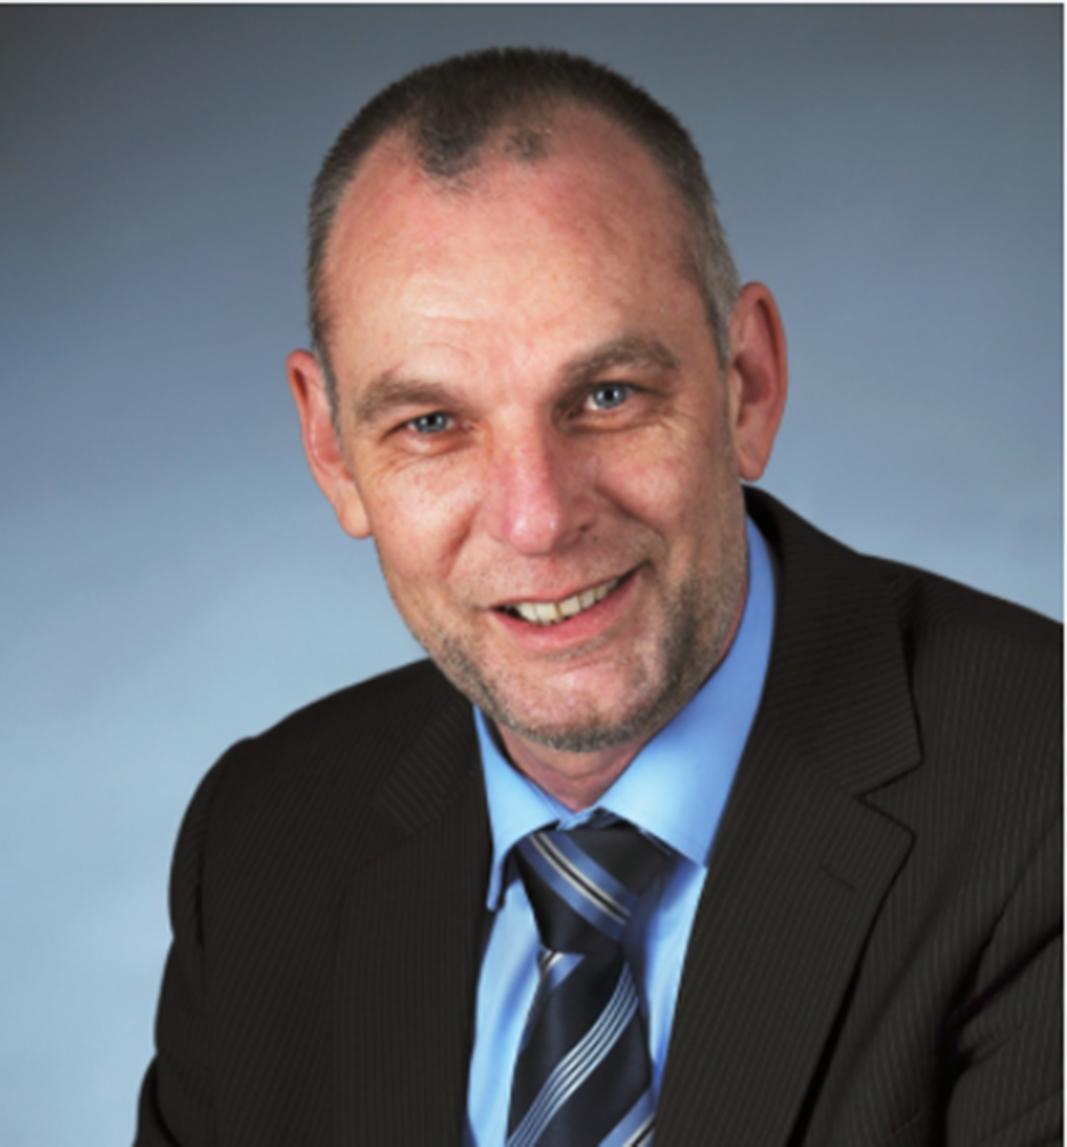 Provinzial Bezirkskommissar Serge Hatzenbühler